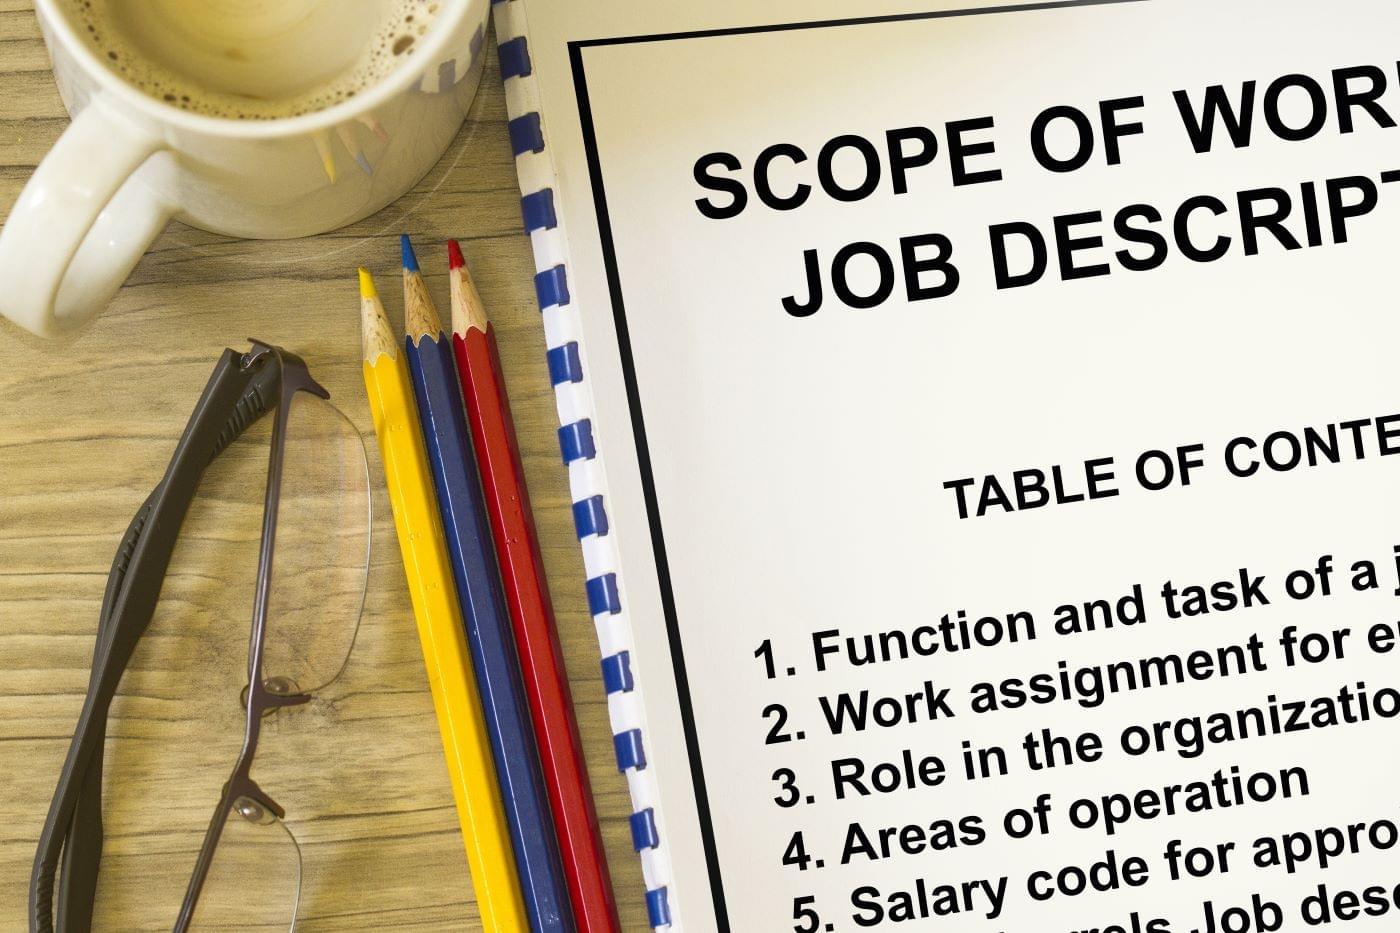 Pencils, glasses, coffee, and a notebook describing job descriptions